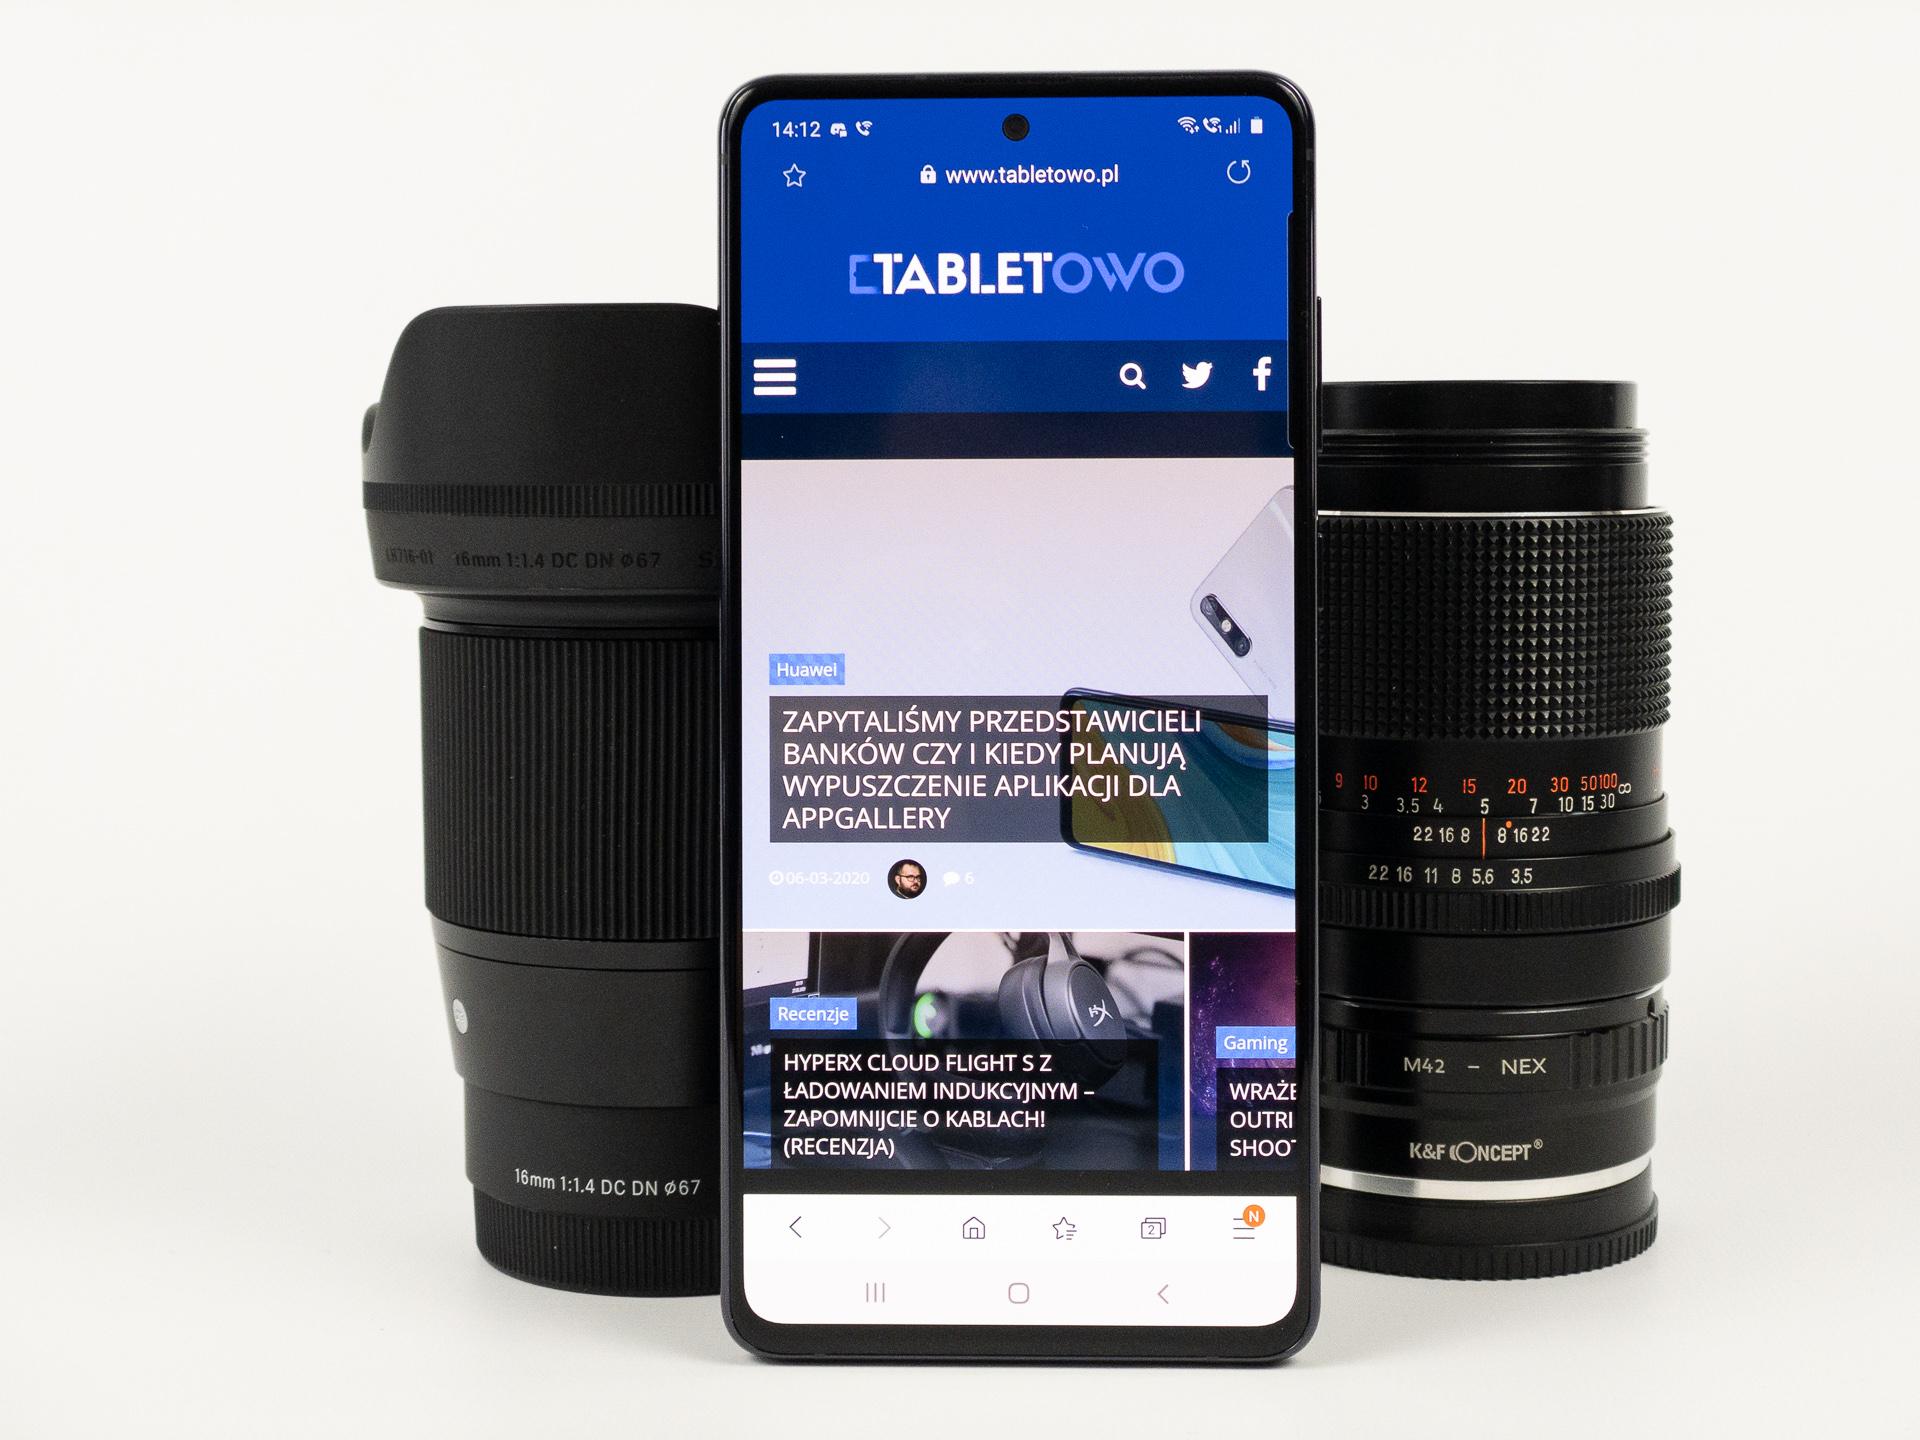 Samsung dorzuca do Galaxy Note 10 Lite słuchawki Galaxy Buds, jeśli kupisz go u operatora 19